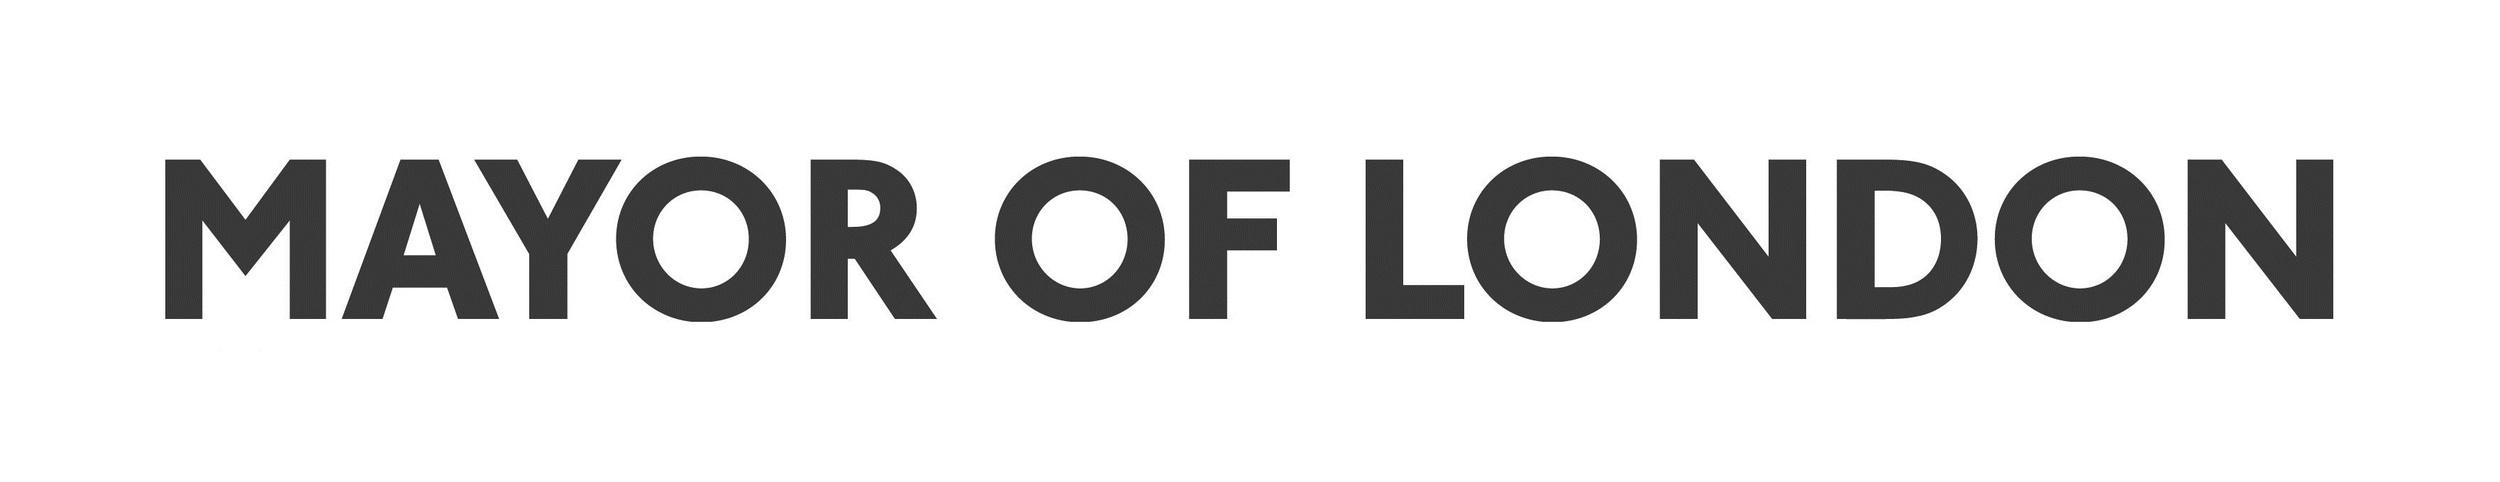 Mayor of London Logo.jpg